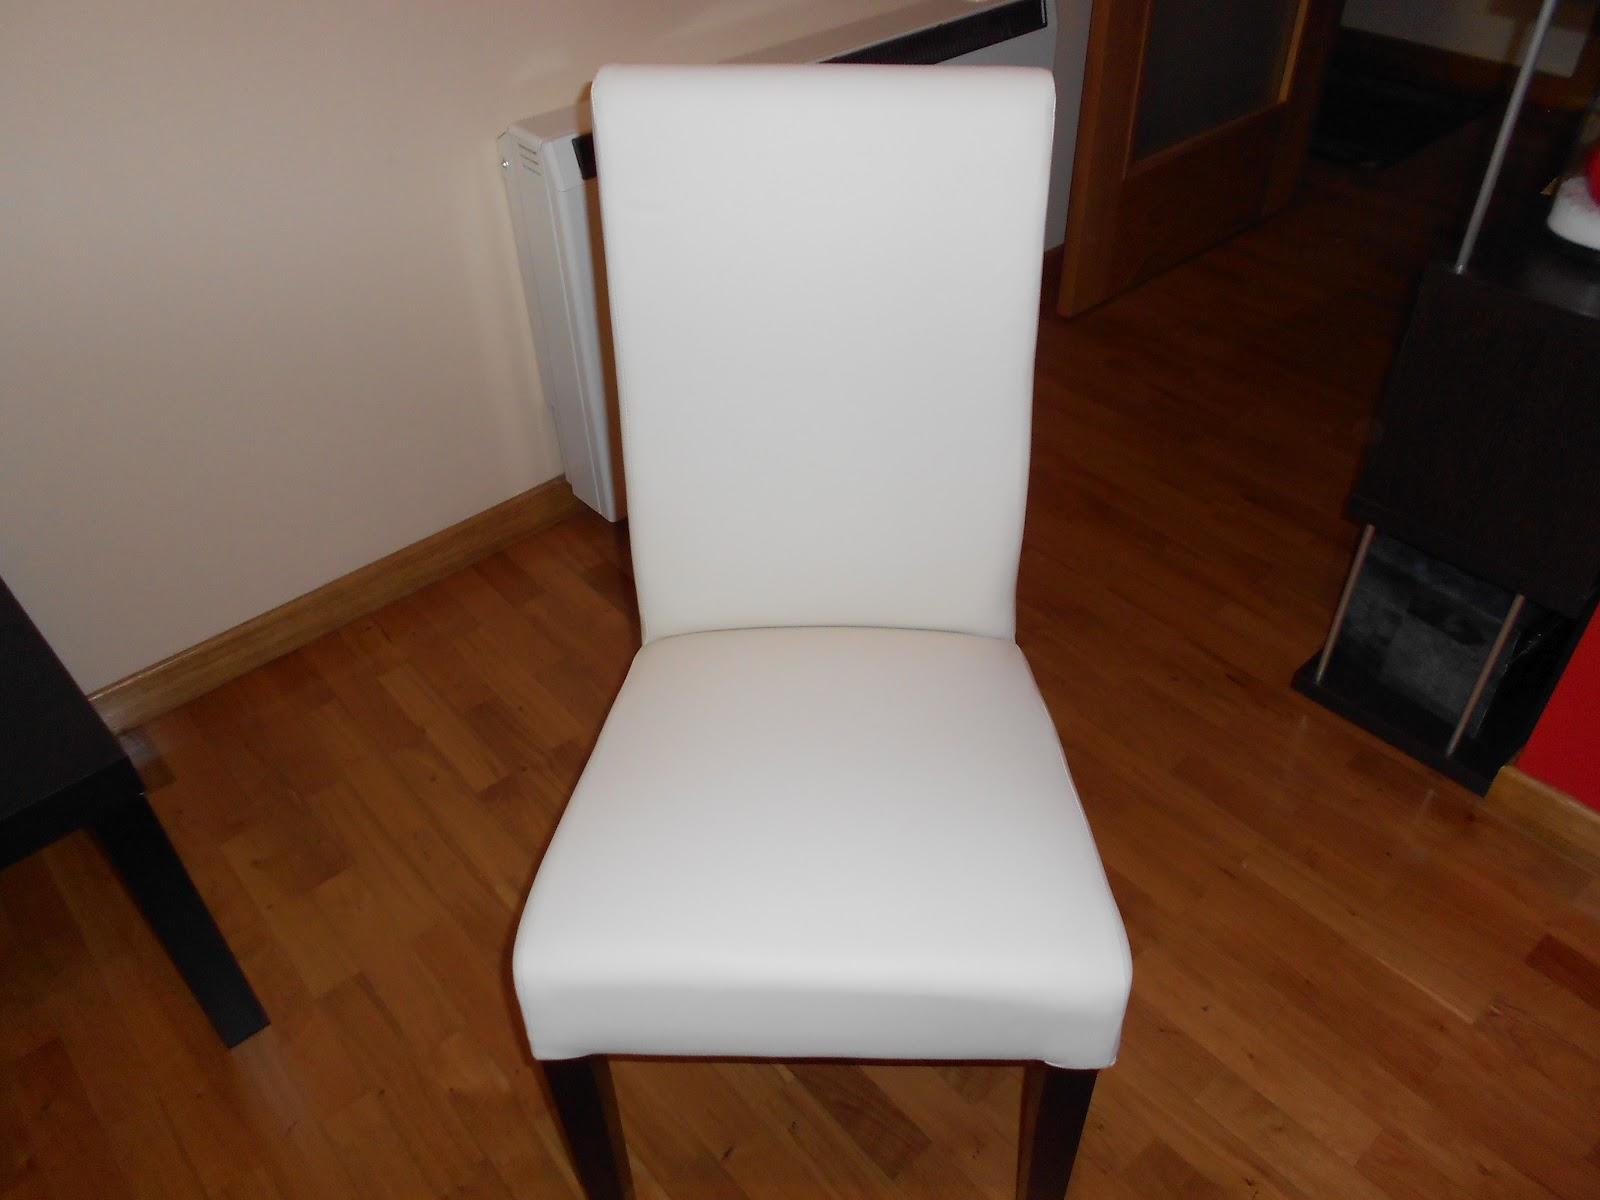 Comprar ofertas platos de ducha muebles sofas spain for Fundas de sillas ikea